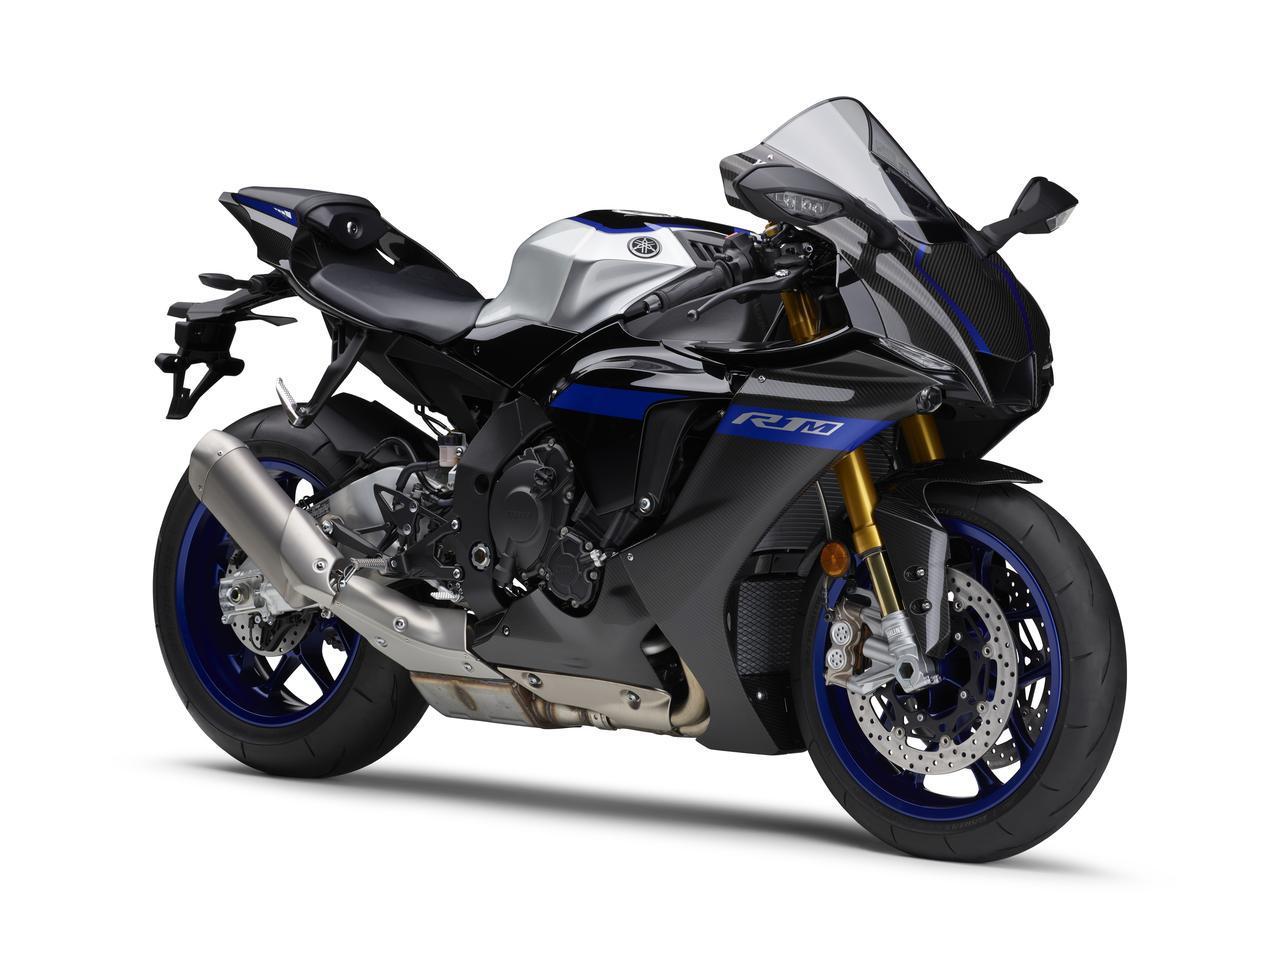 画像: YAMAHA YZF-R1M ABS 総排気量:997cc エンジン形式:水冷4ストDOHC4バルブ並列4気筒 シート高:860mm 車両重量:202kg カラー:ブルーイッシュホワイトメタリック2(カーボン)